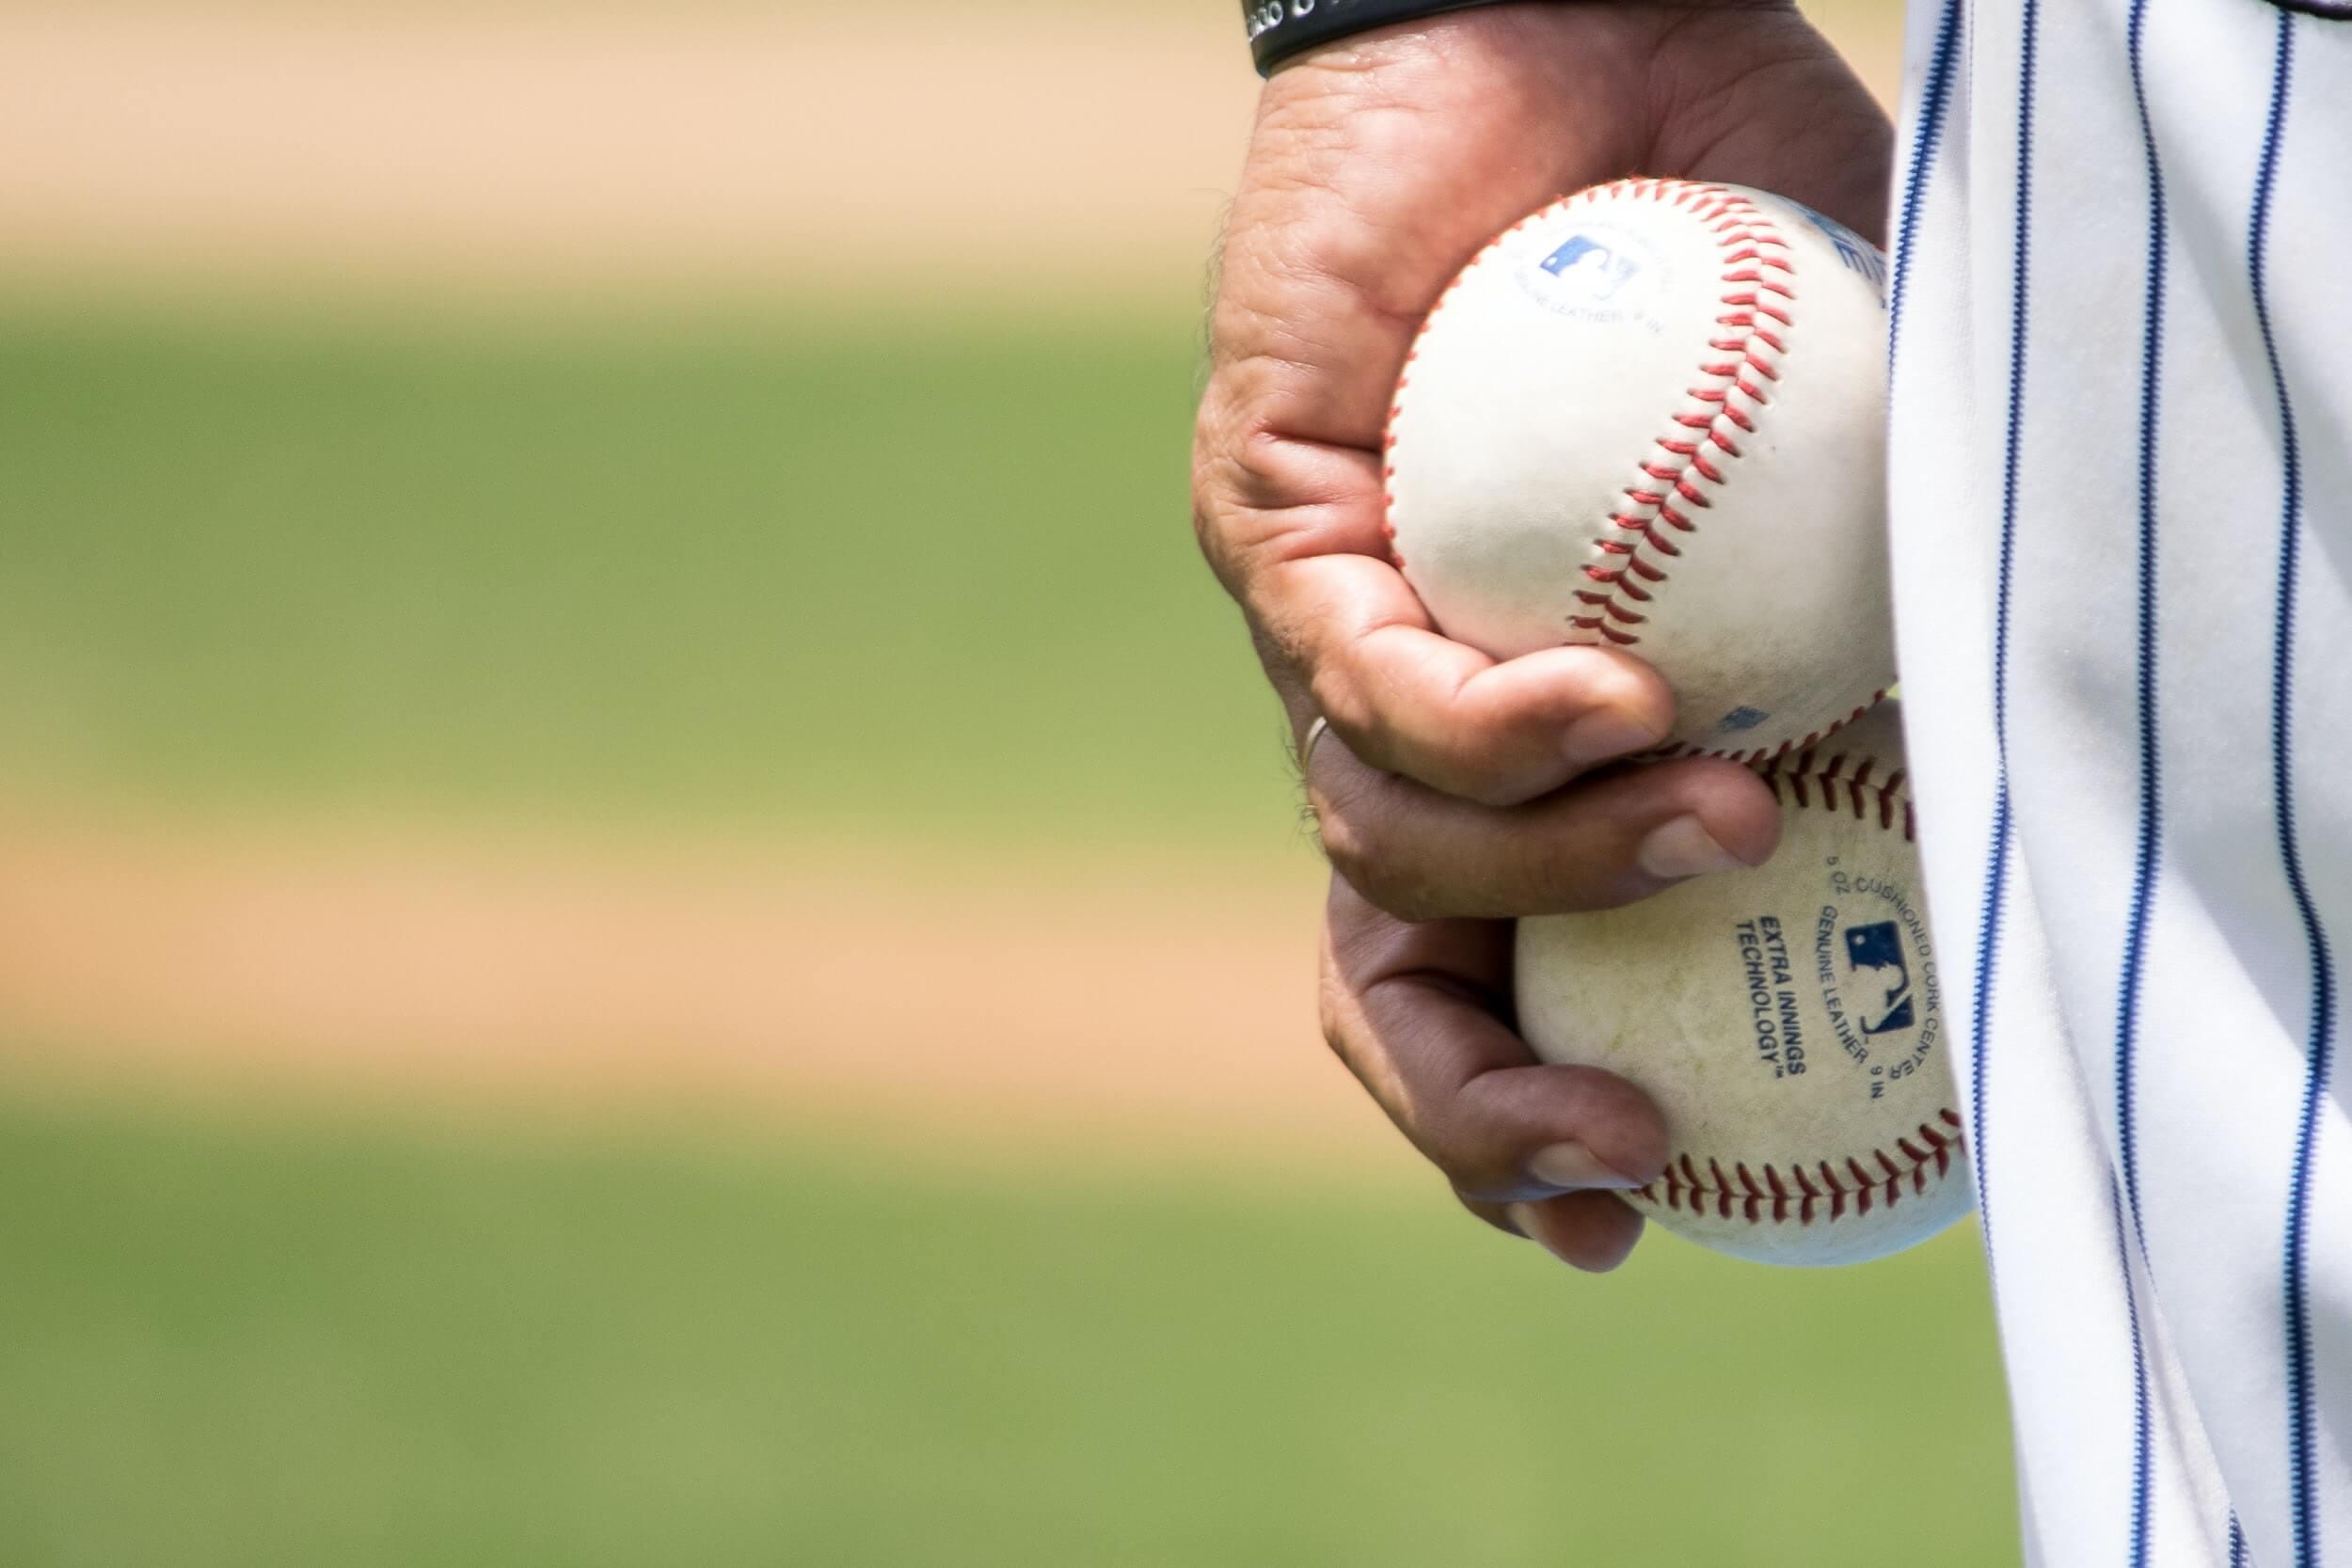 ビジネス英語と野球や経営戦略について学べる映画作品